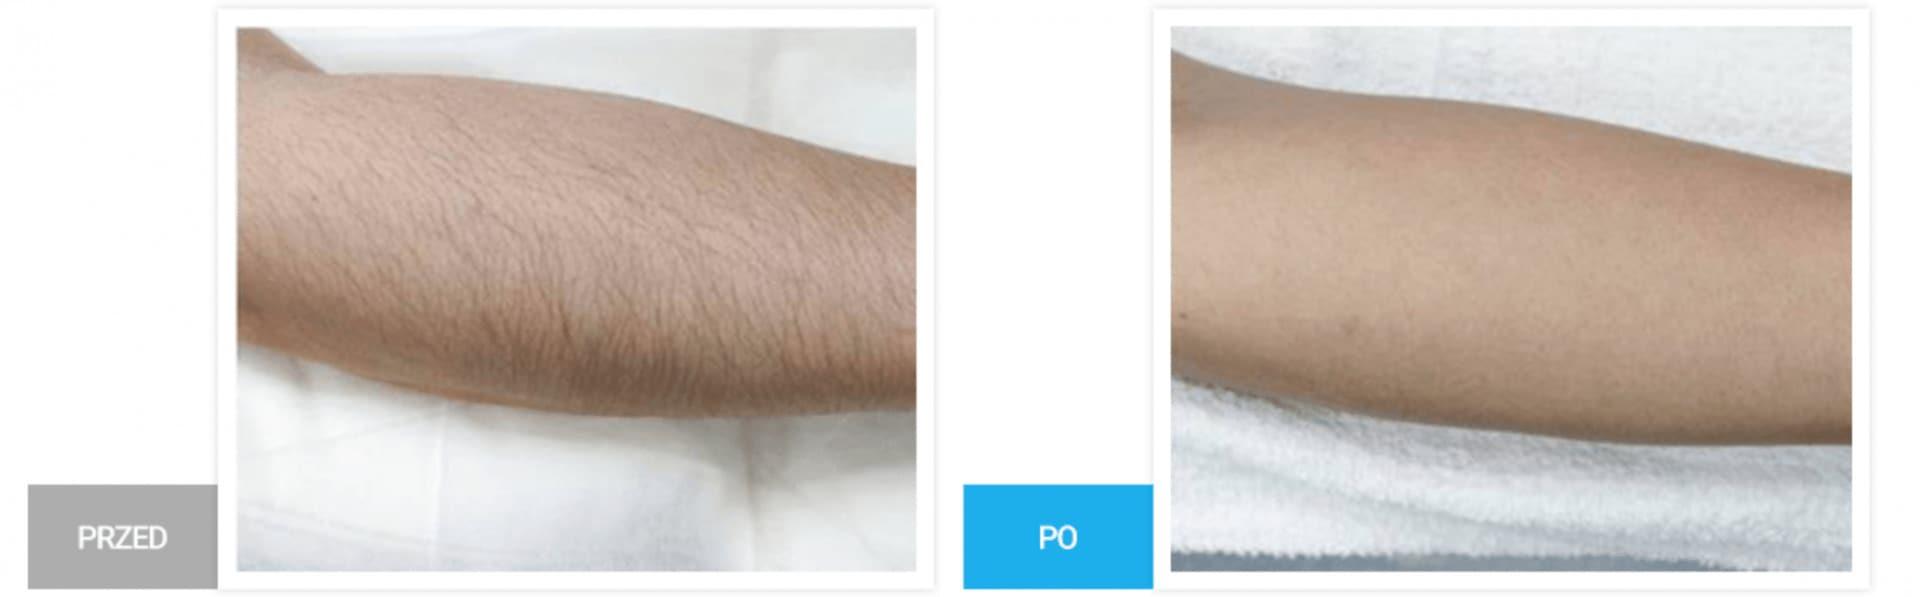 Zrzut ekranu 2018 04 10 o 07.37.18 1 Depilacja laserowa Warszawa Chromatica XL